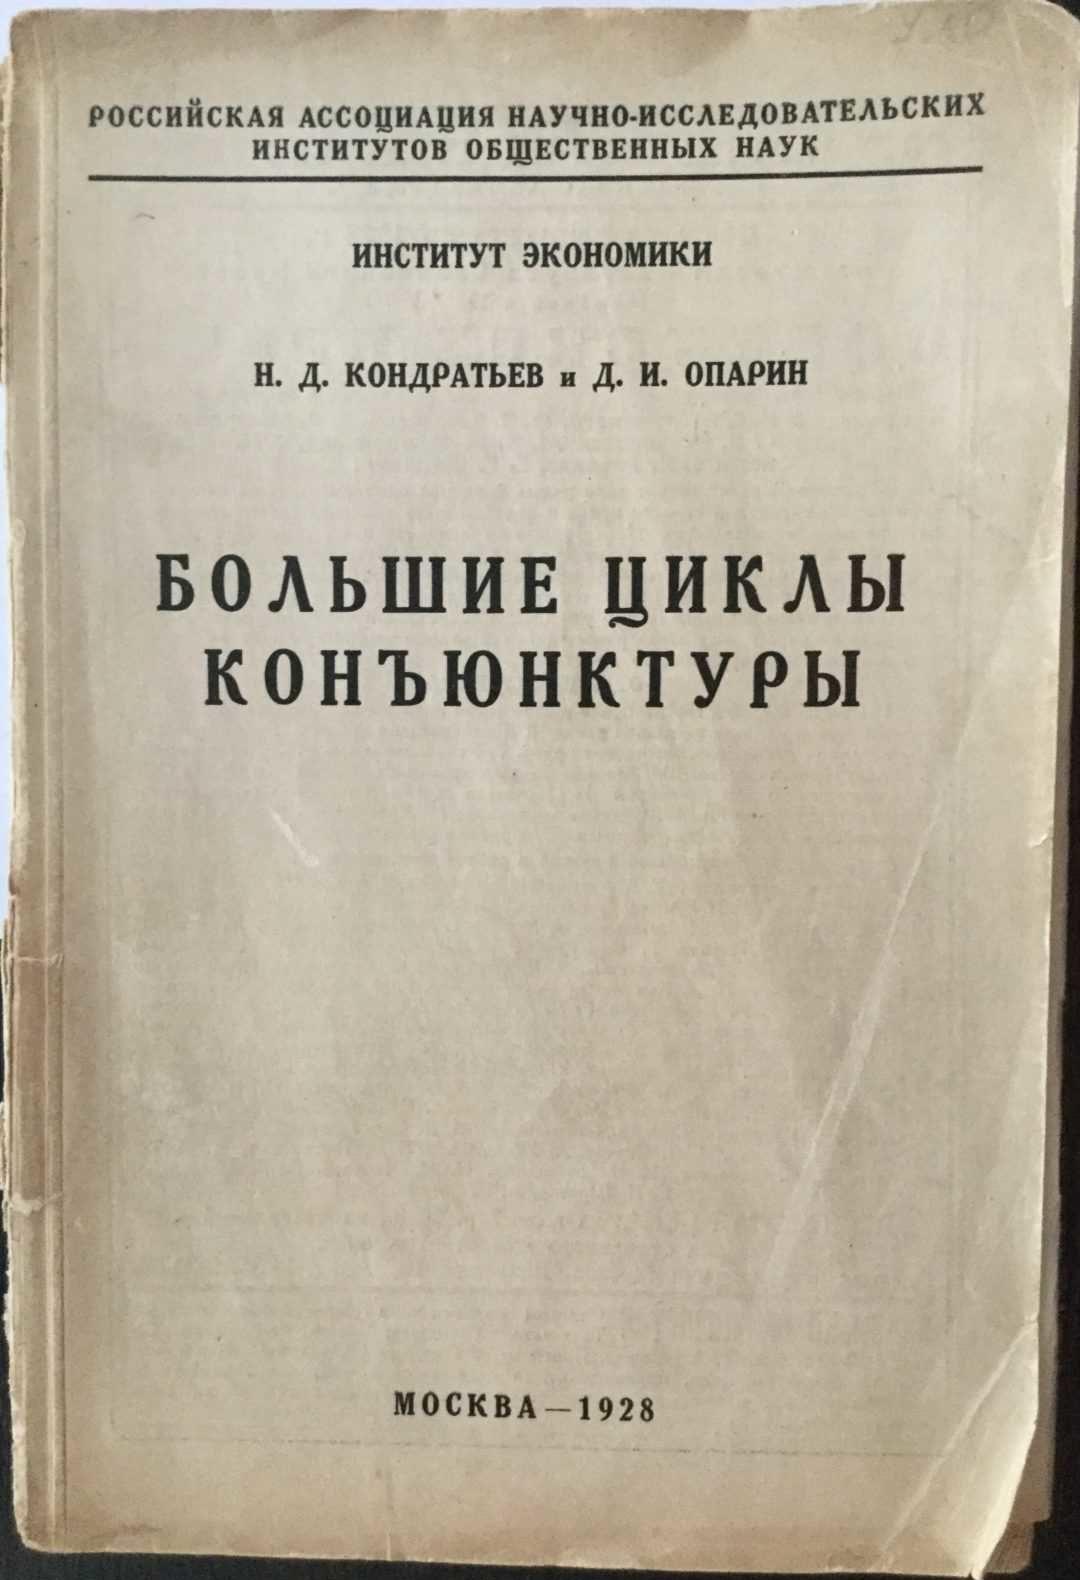 Кондратьев циклы конъюнктуры книга